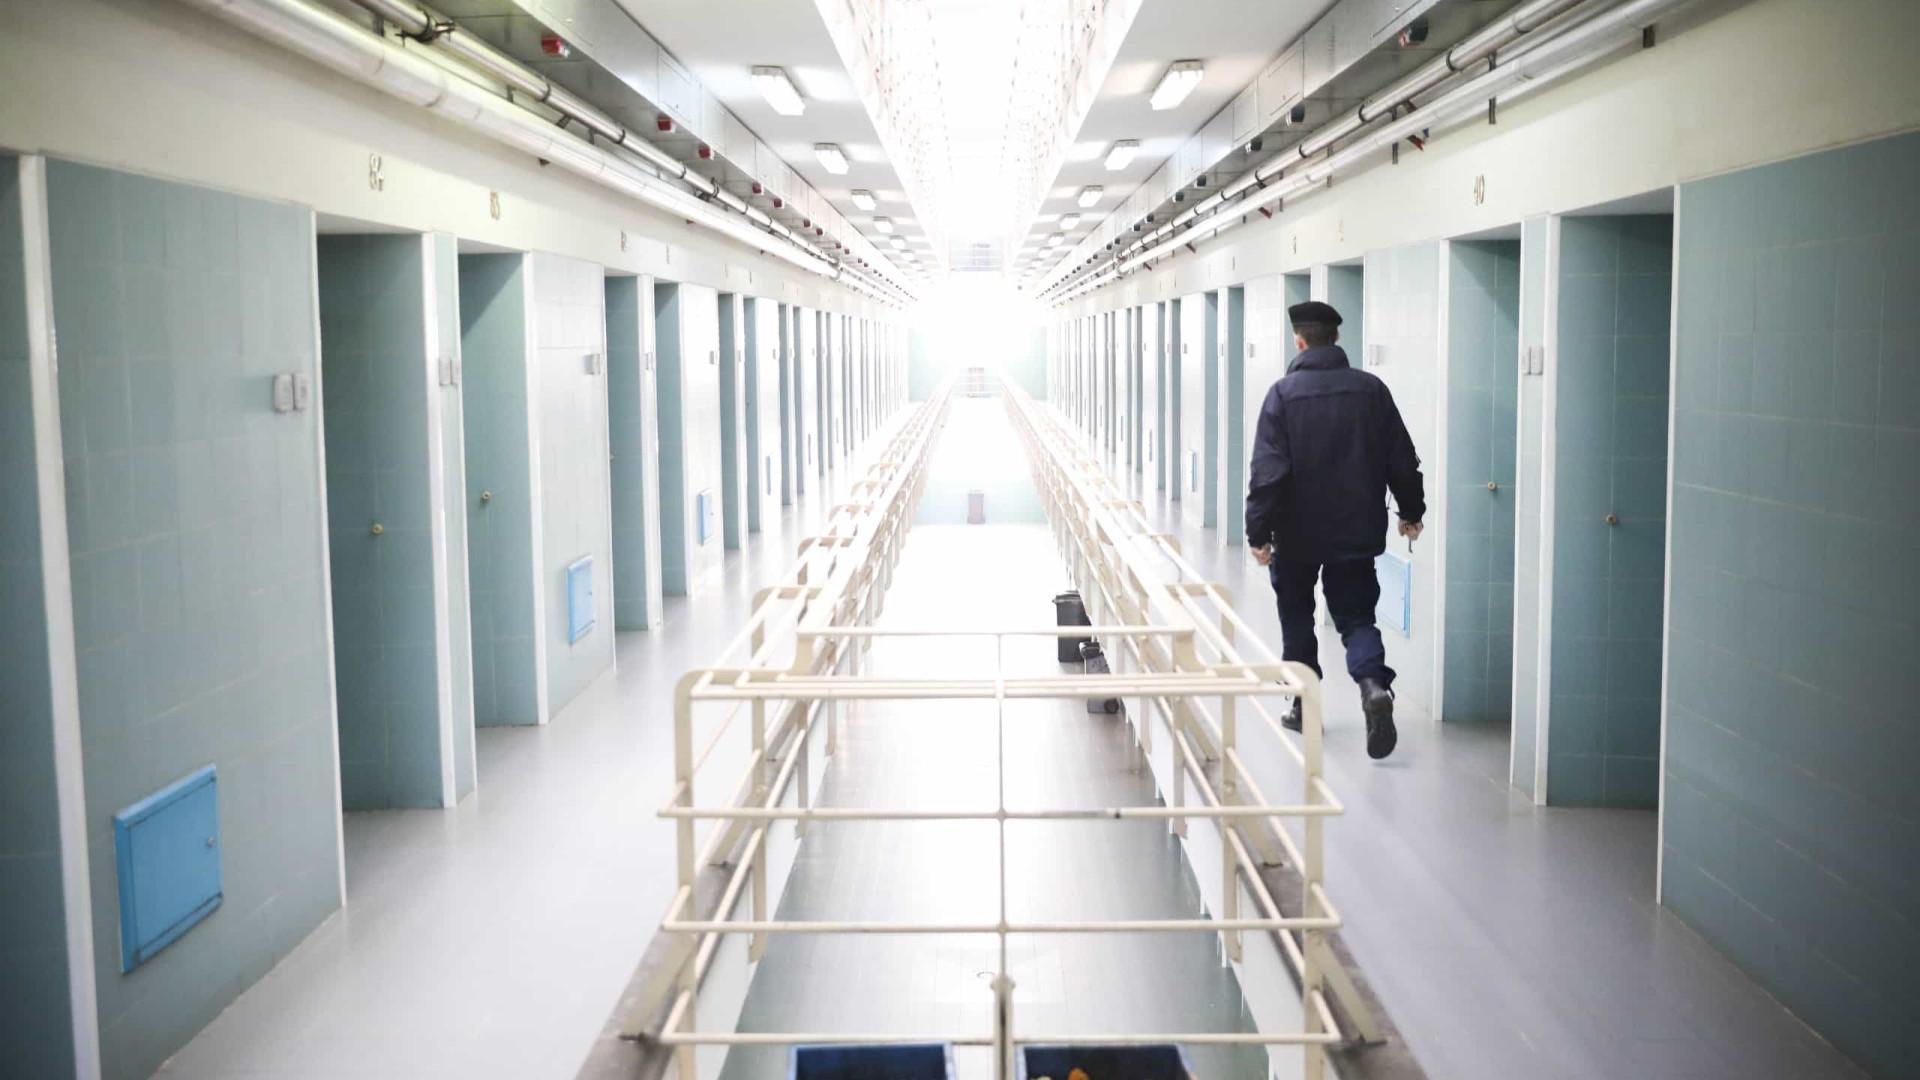 Detido homem suspeito de carjacking e resistência à autoridade